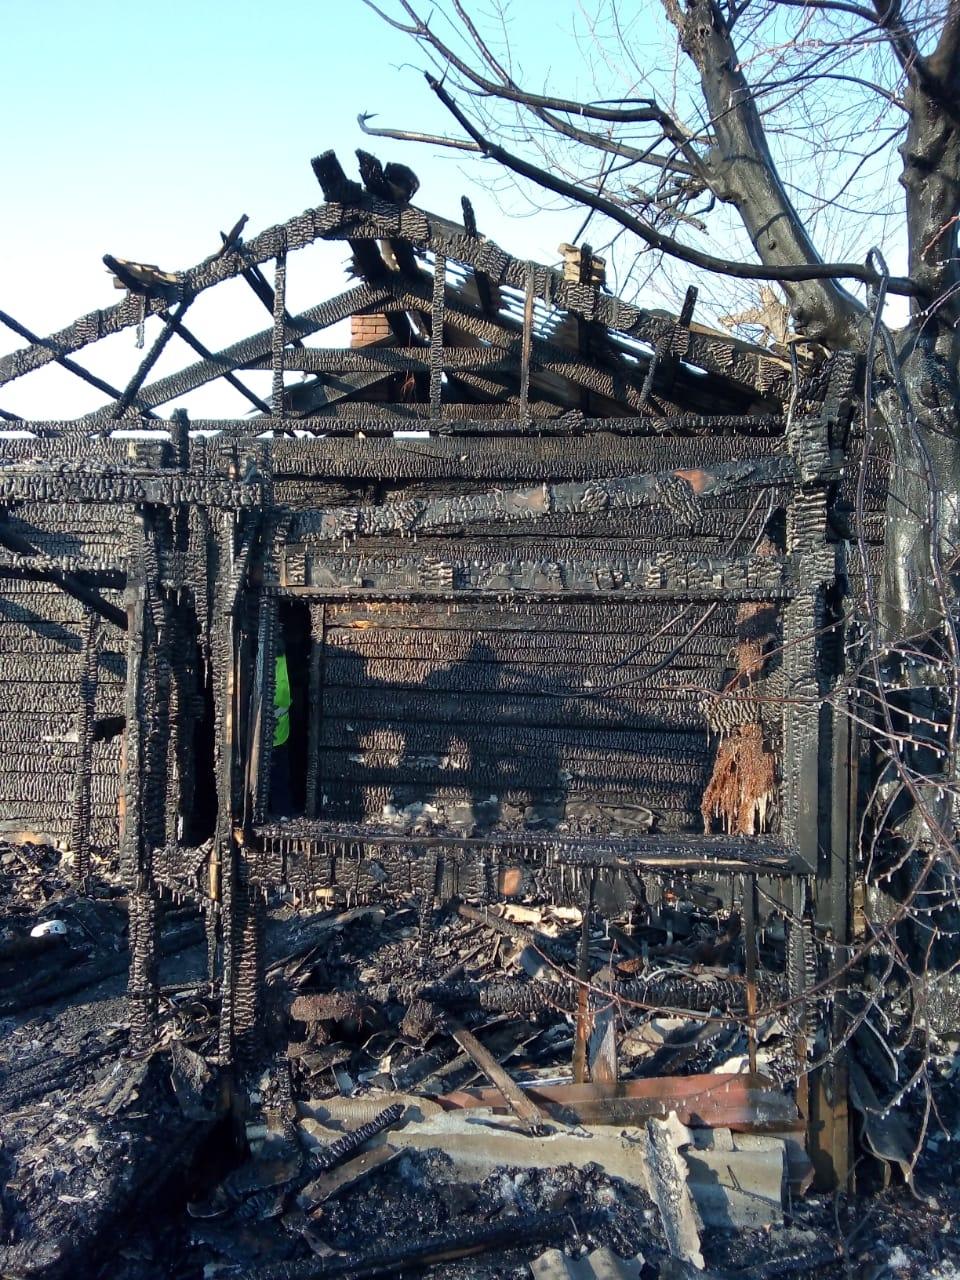 В ЕАО в частном доме при пожаре погибло двое детей. Рядом не было ни одного взрослого